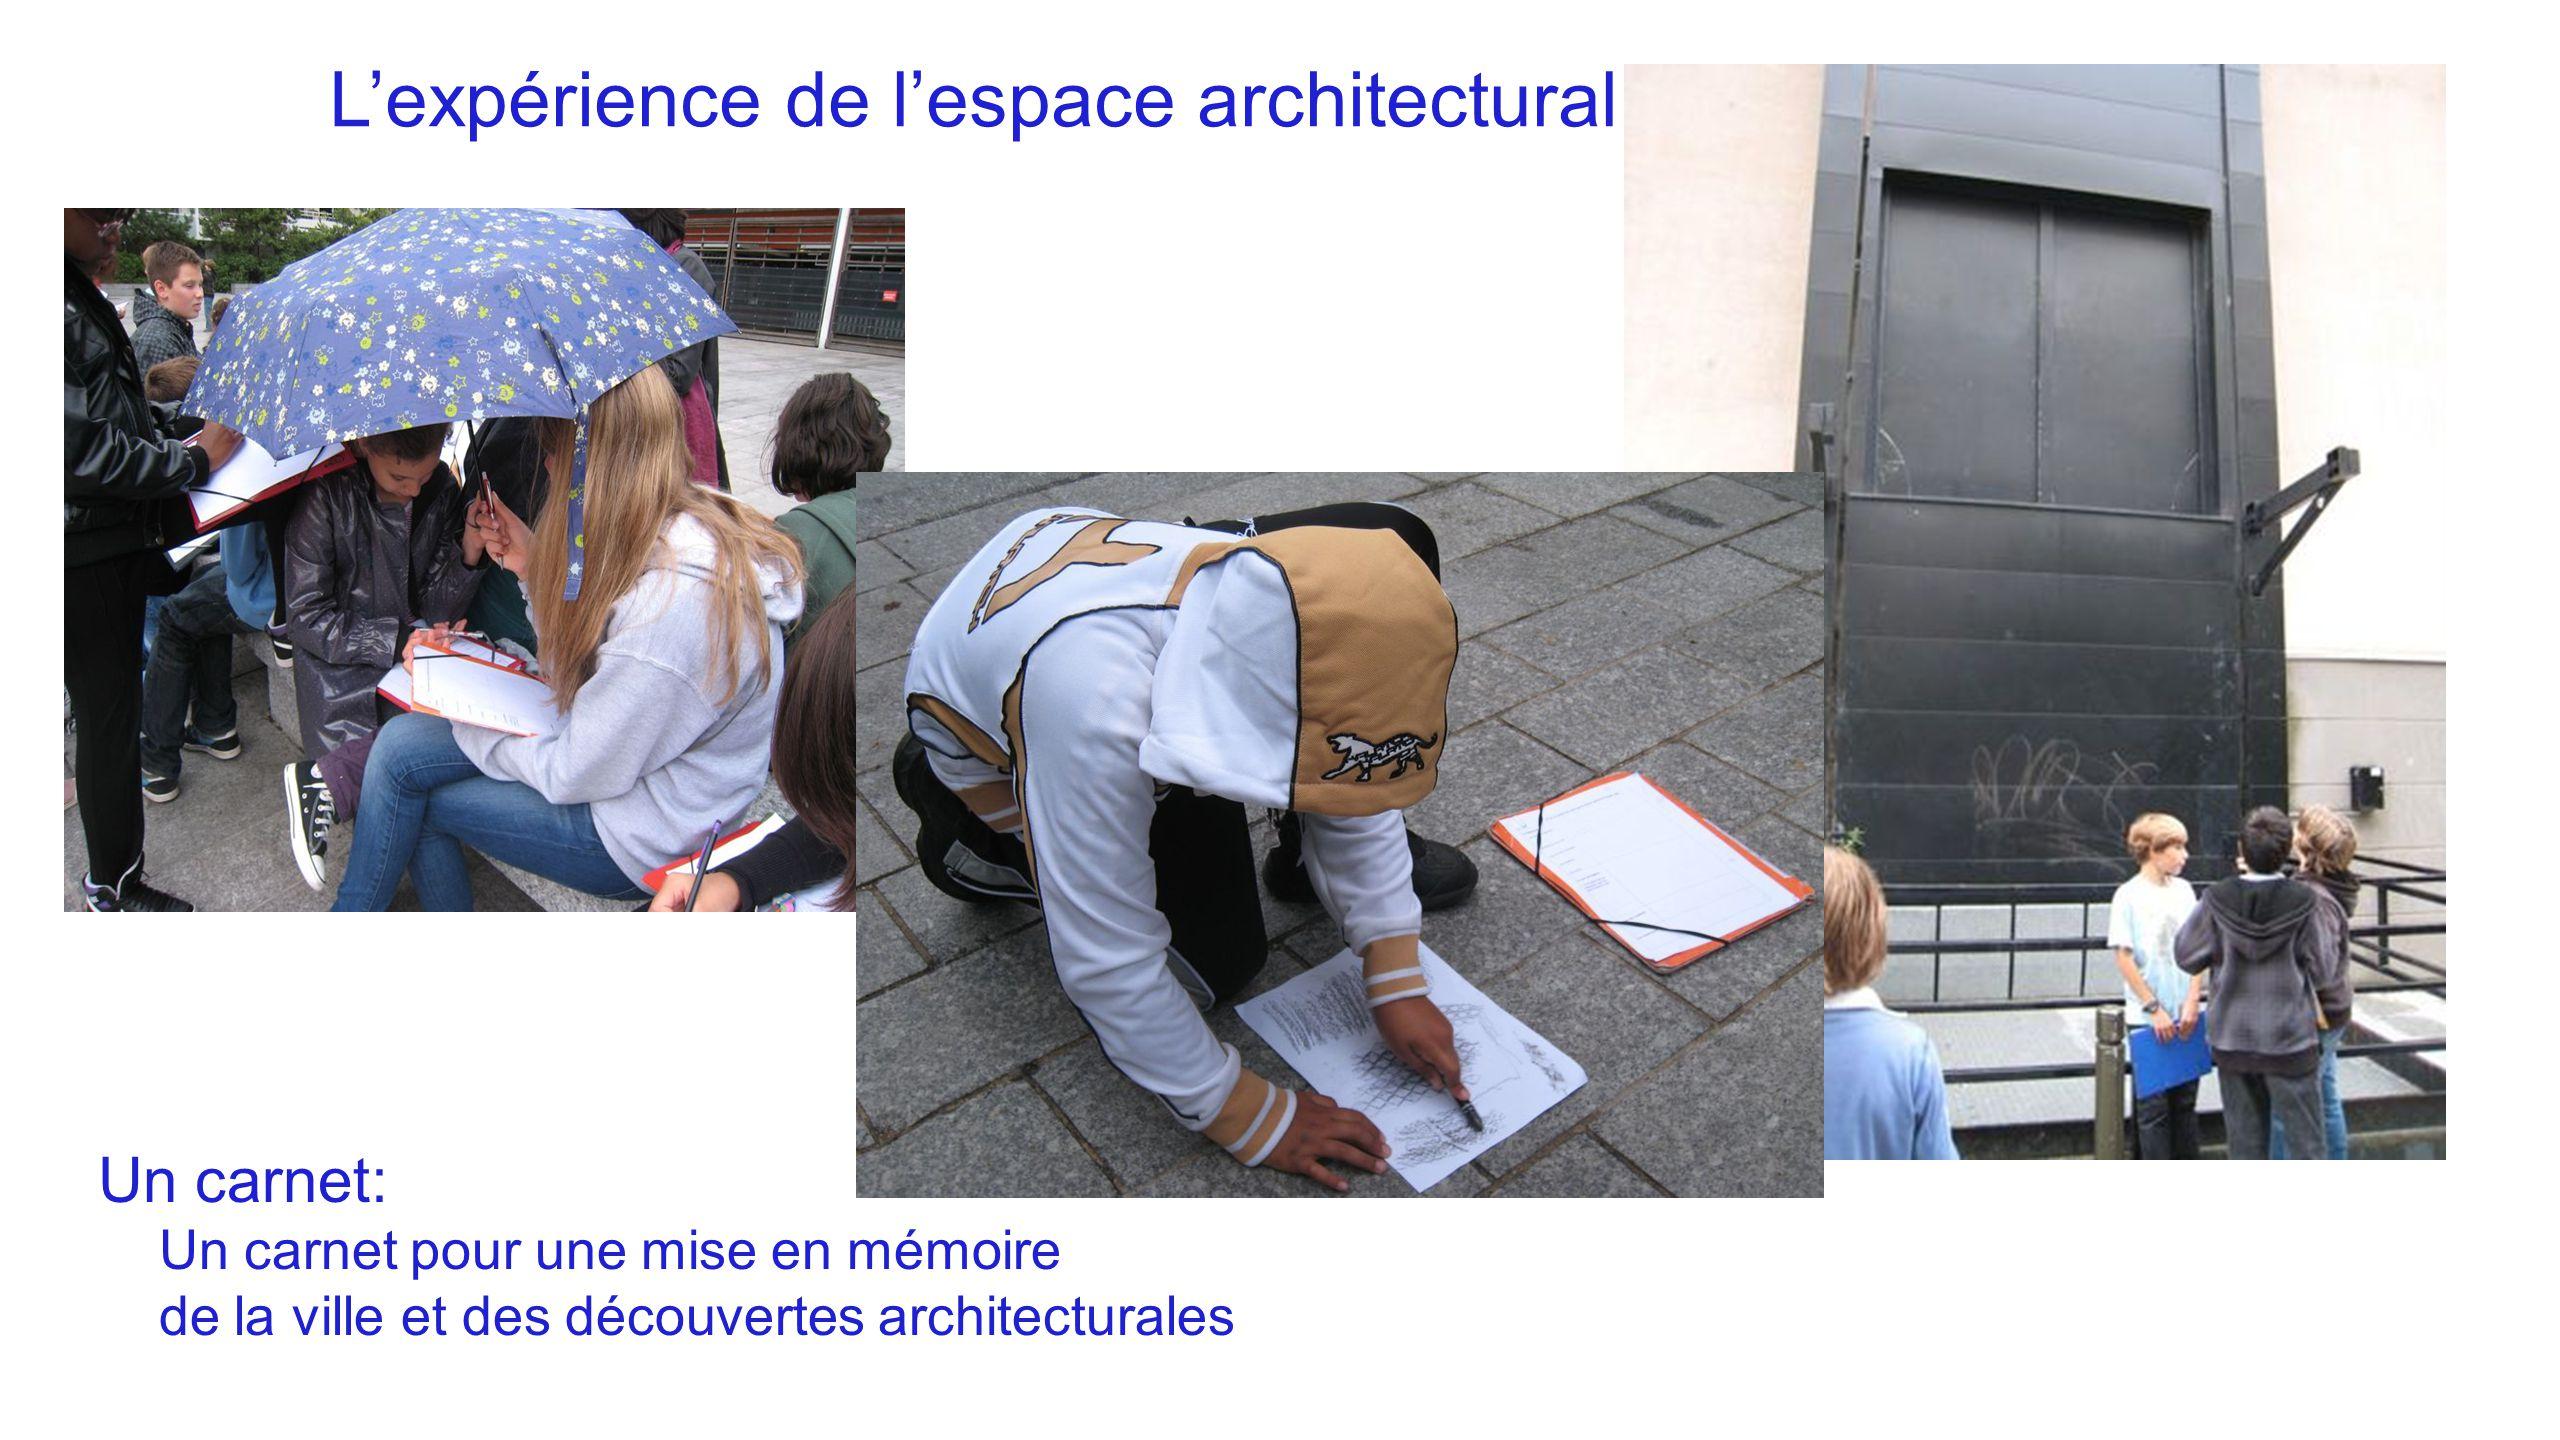 L'expérience de l'espace architectural